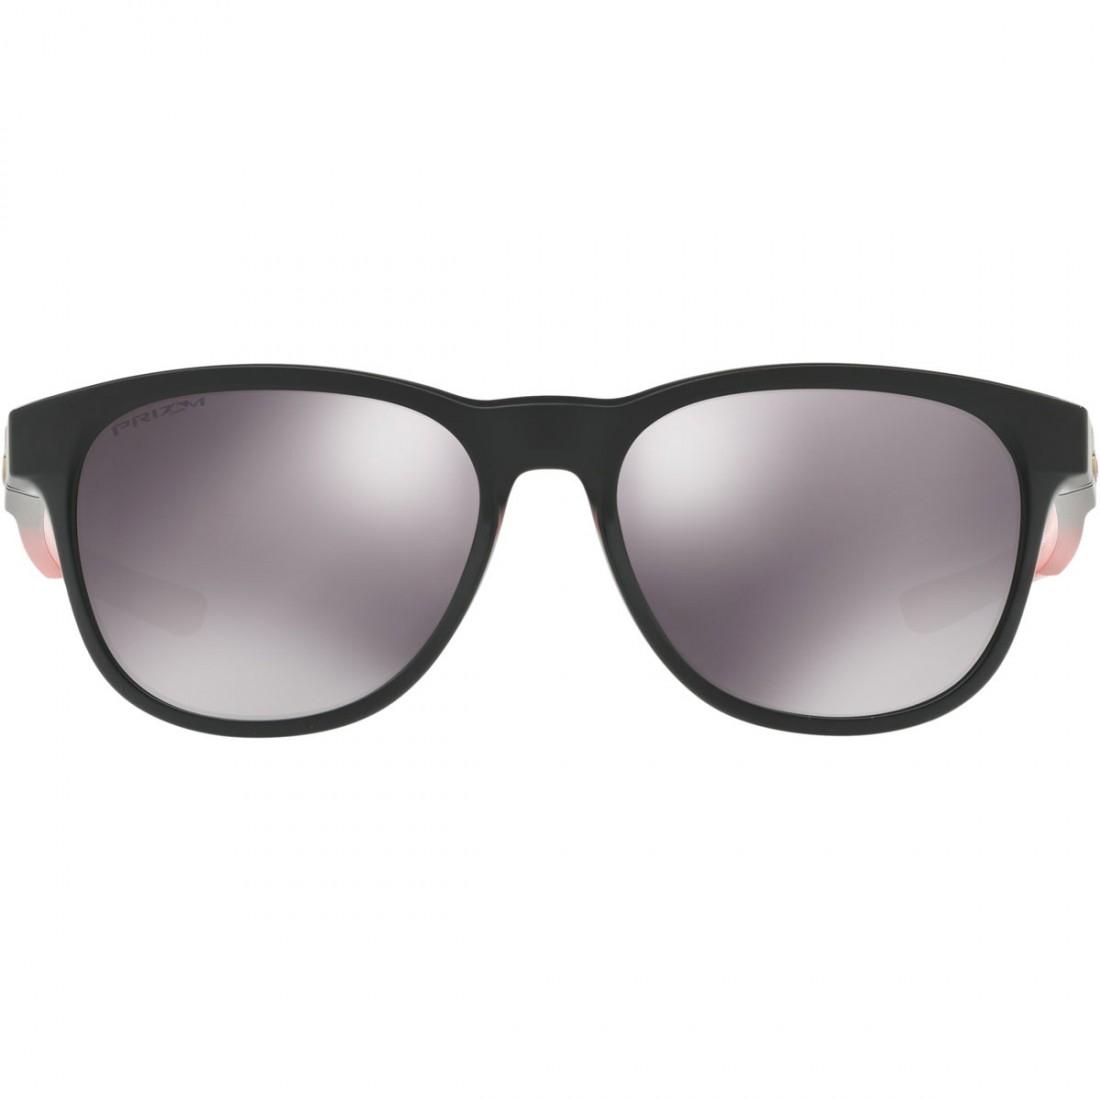 Máscara   Óculos OAKLEY Stringer Ruby Fade Collection Prizm Black ... a5d685ed89